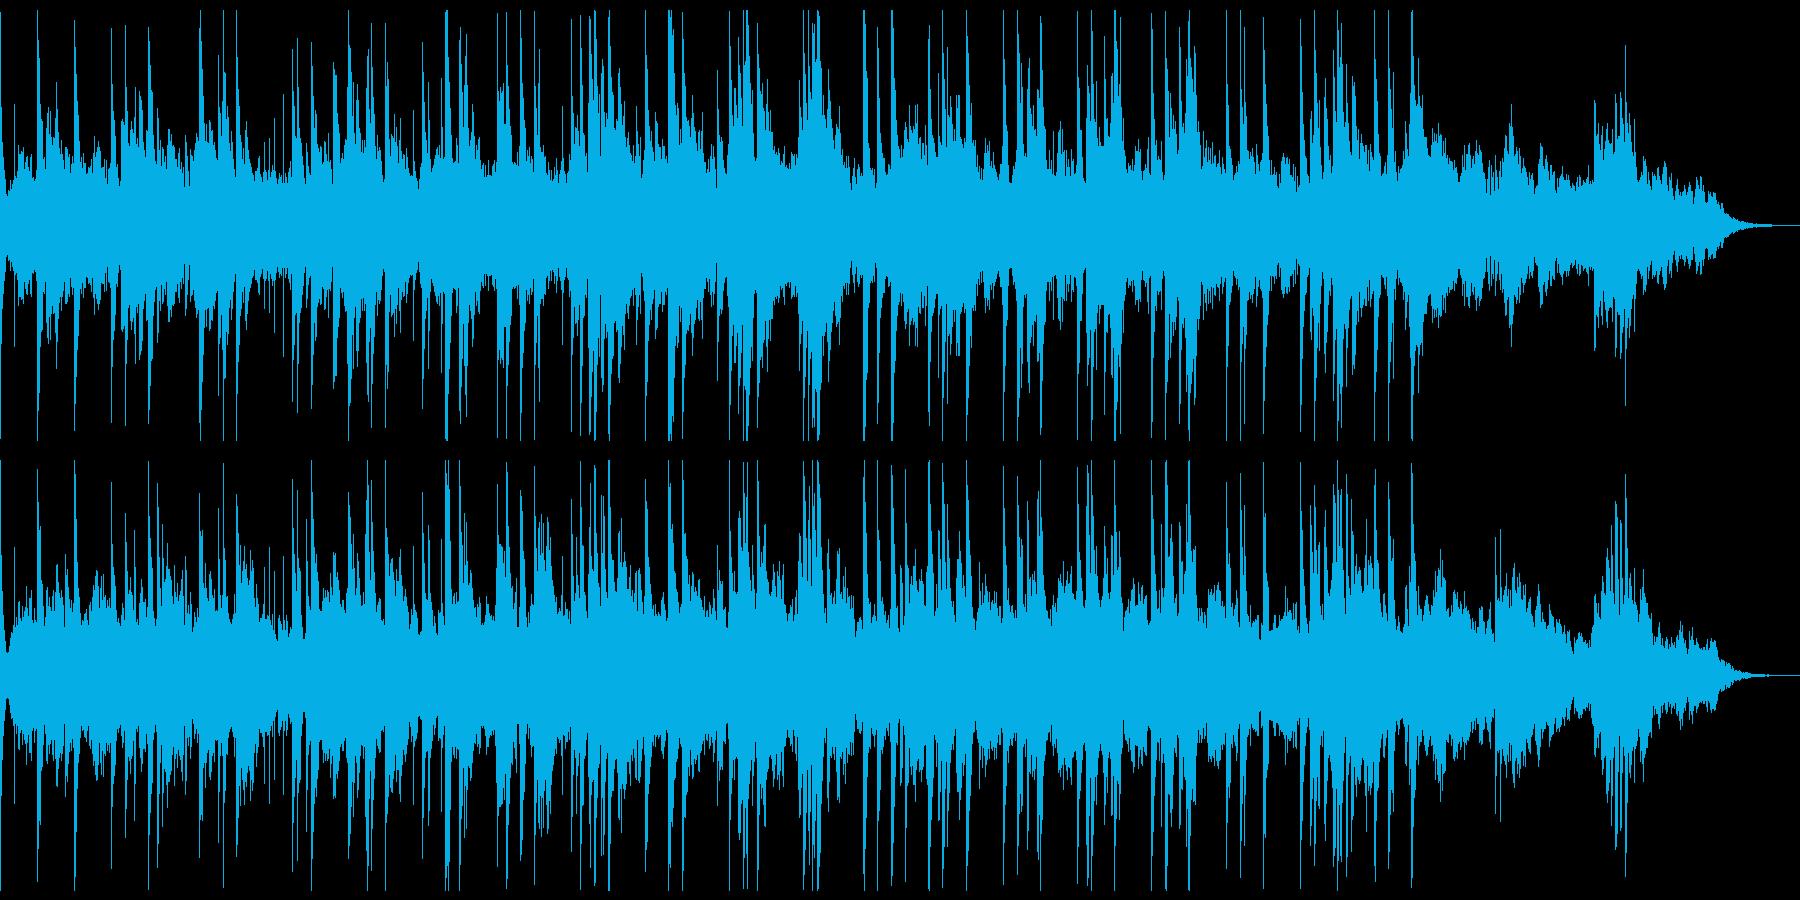 幻想的なリラクゼーションミュージックの再生済みの波形